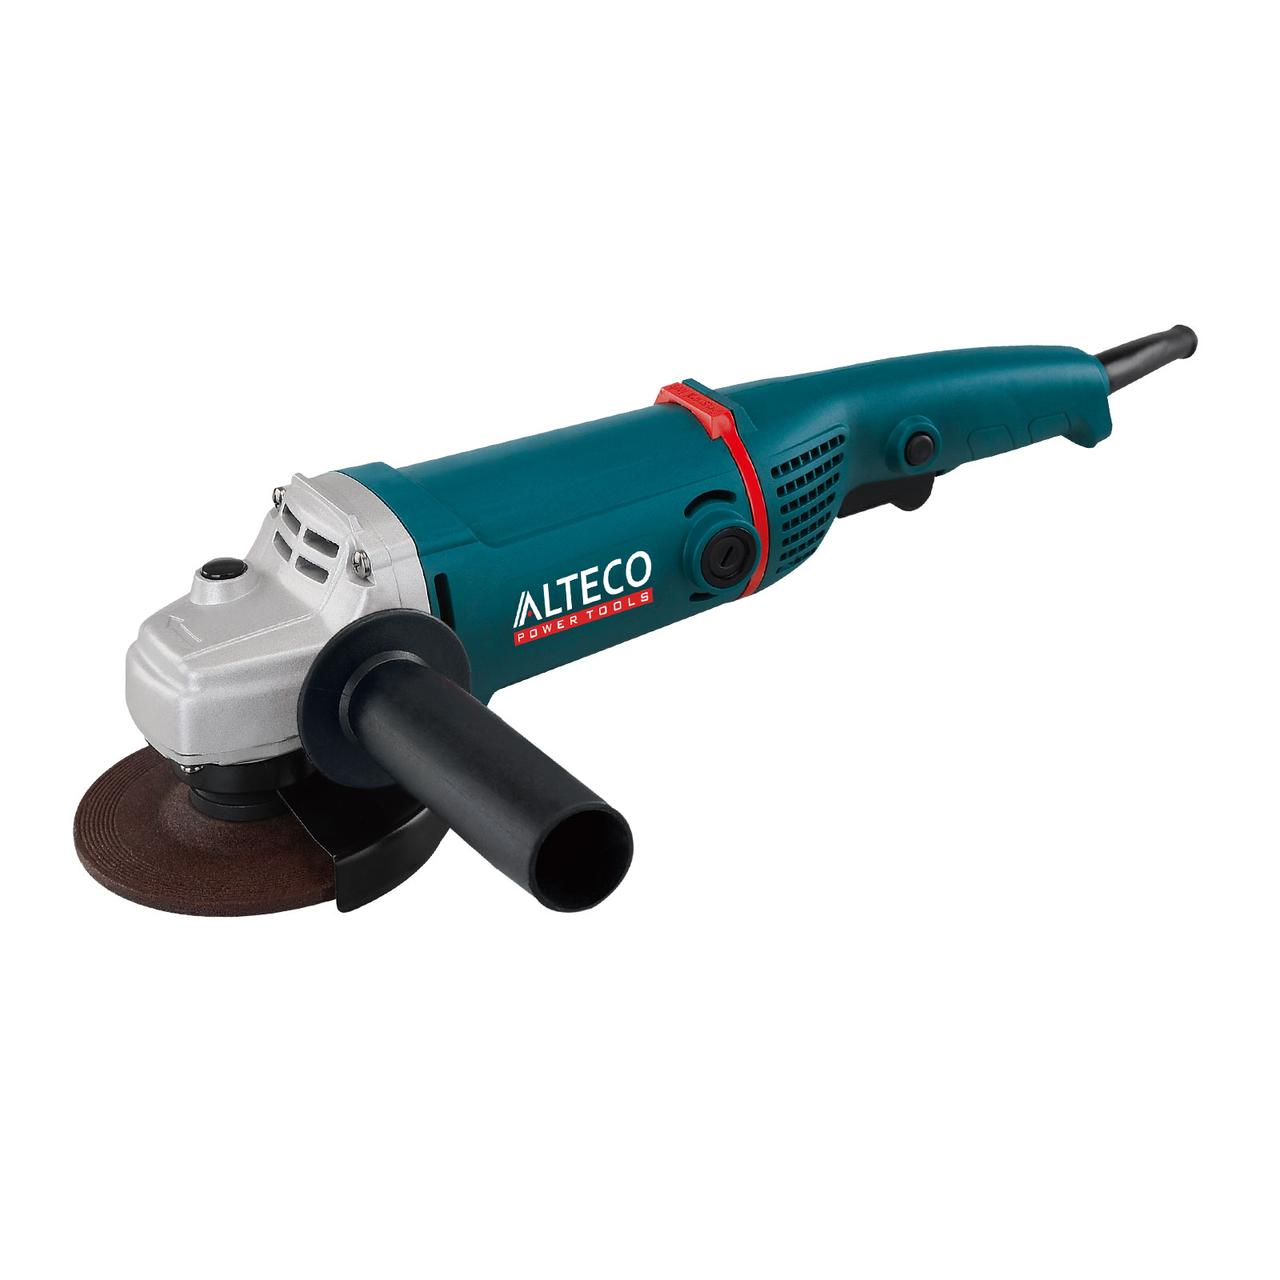 Угловая шлифмашина AG 1300-125 ALTECO